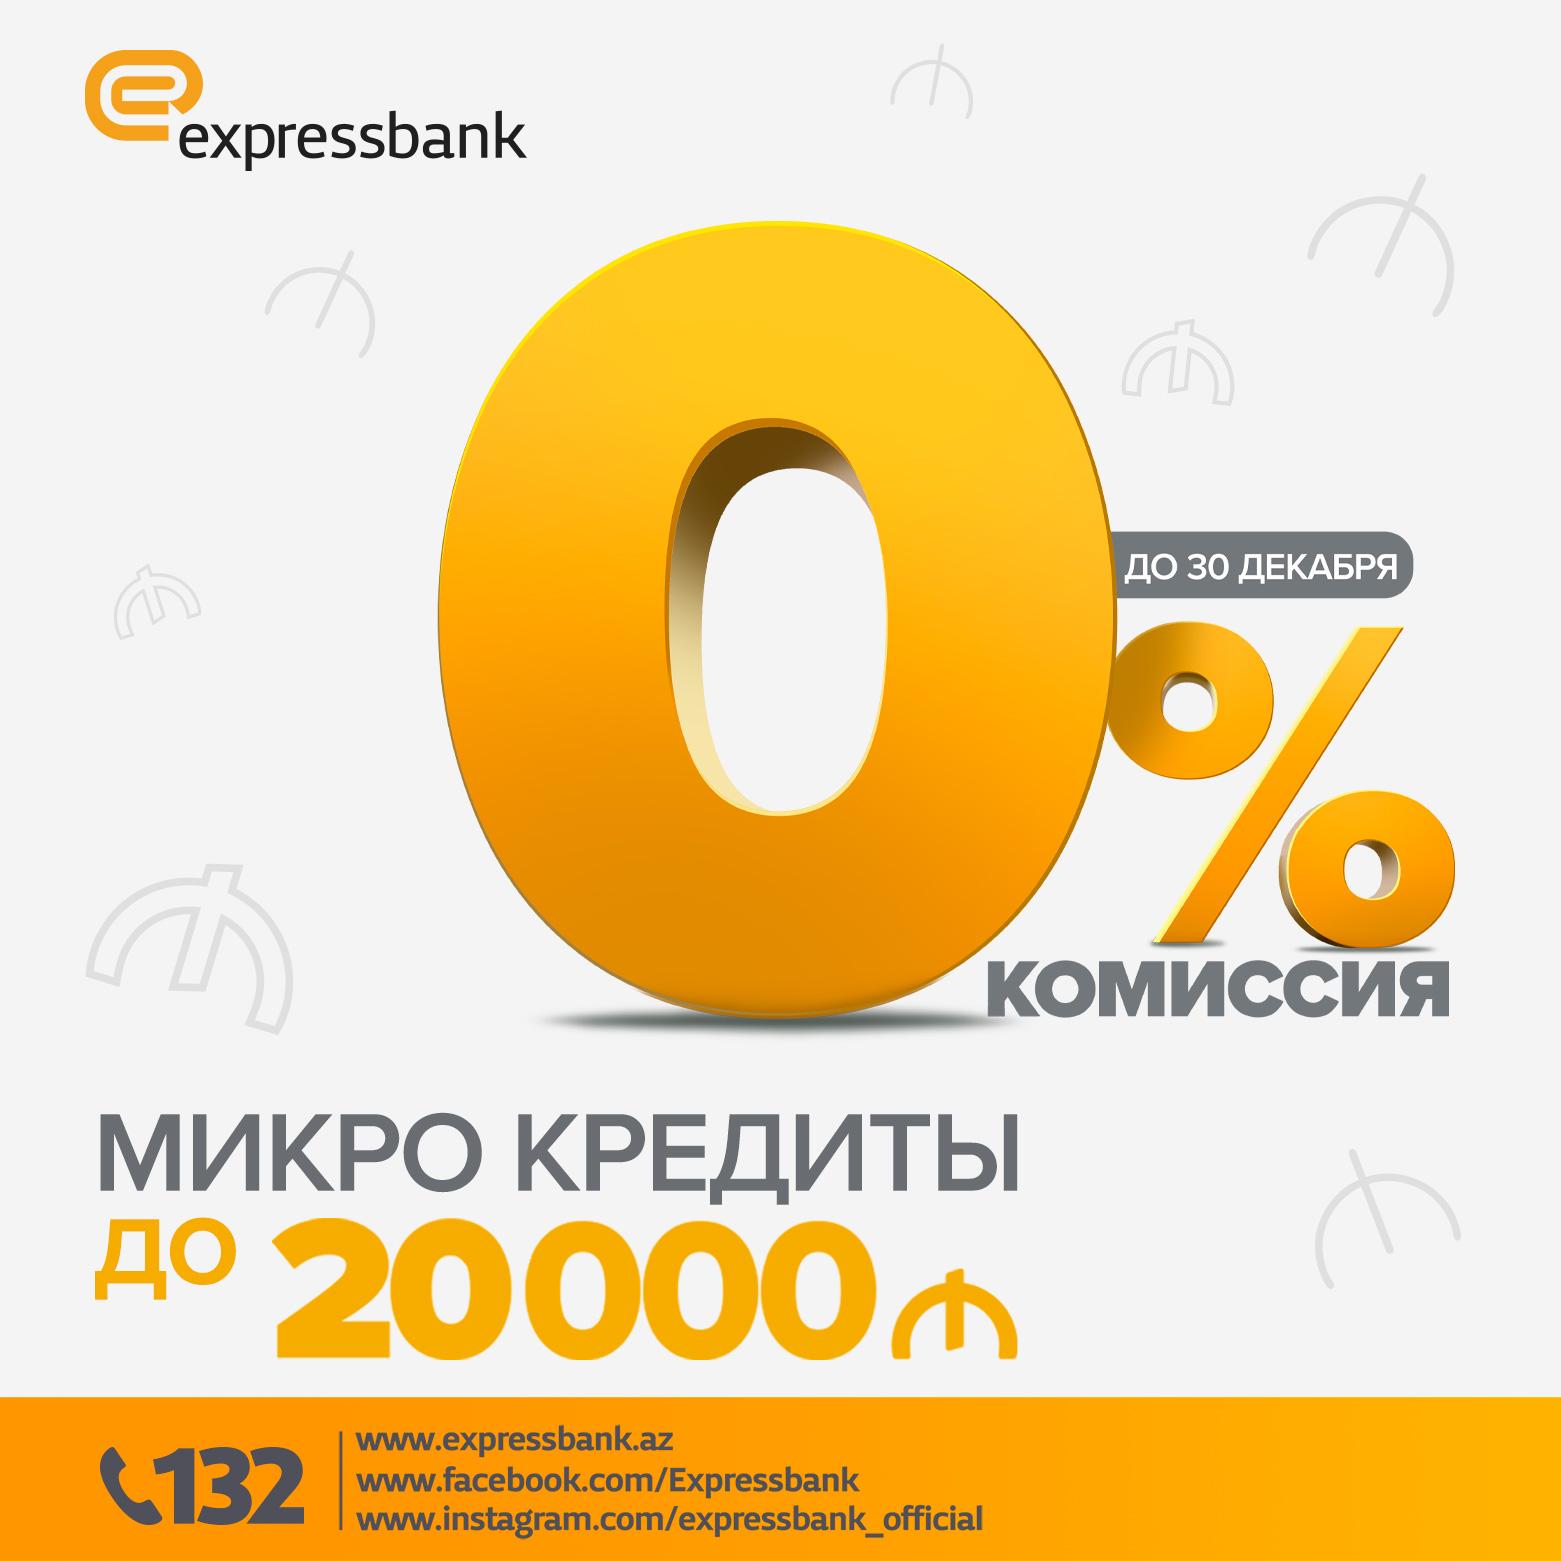 Возможность получить микрокредиты под низкий процент и без комиссии!